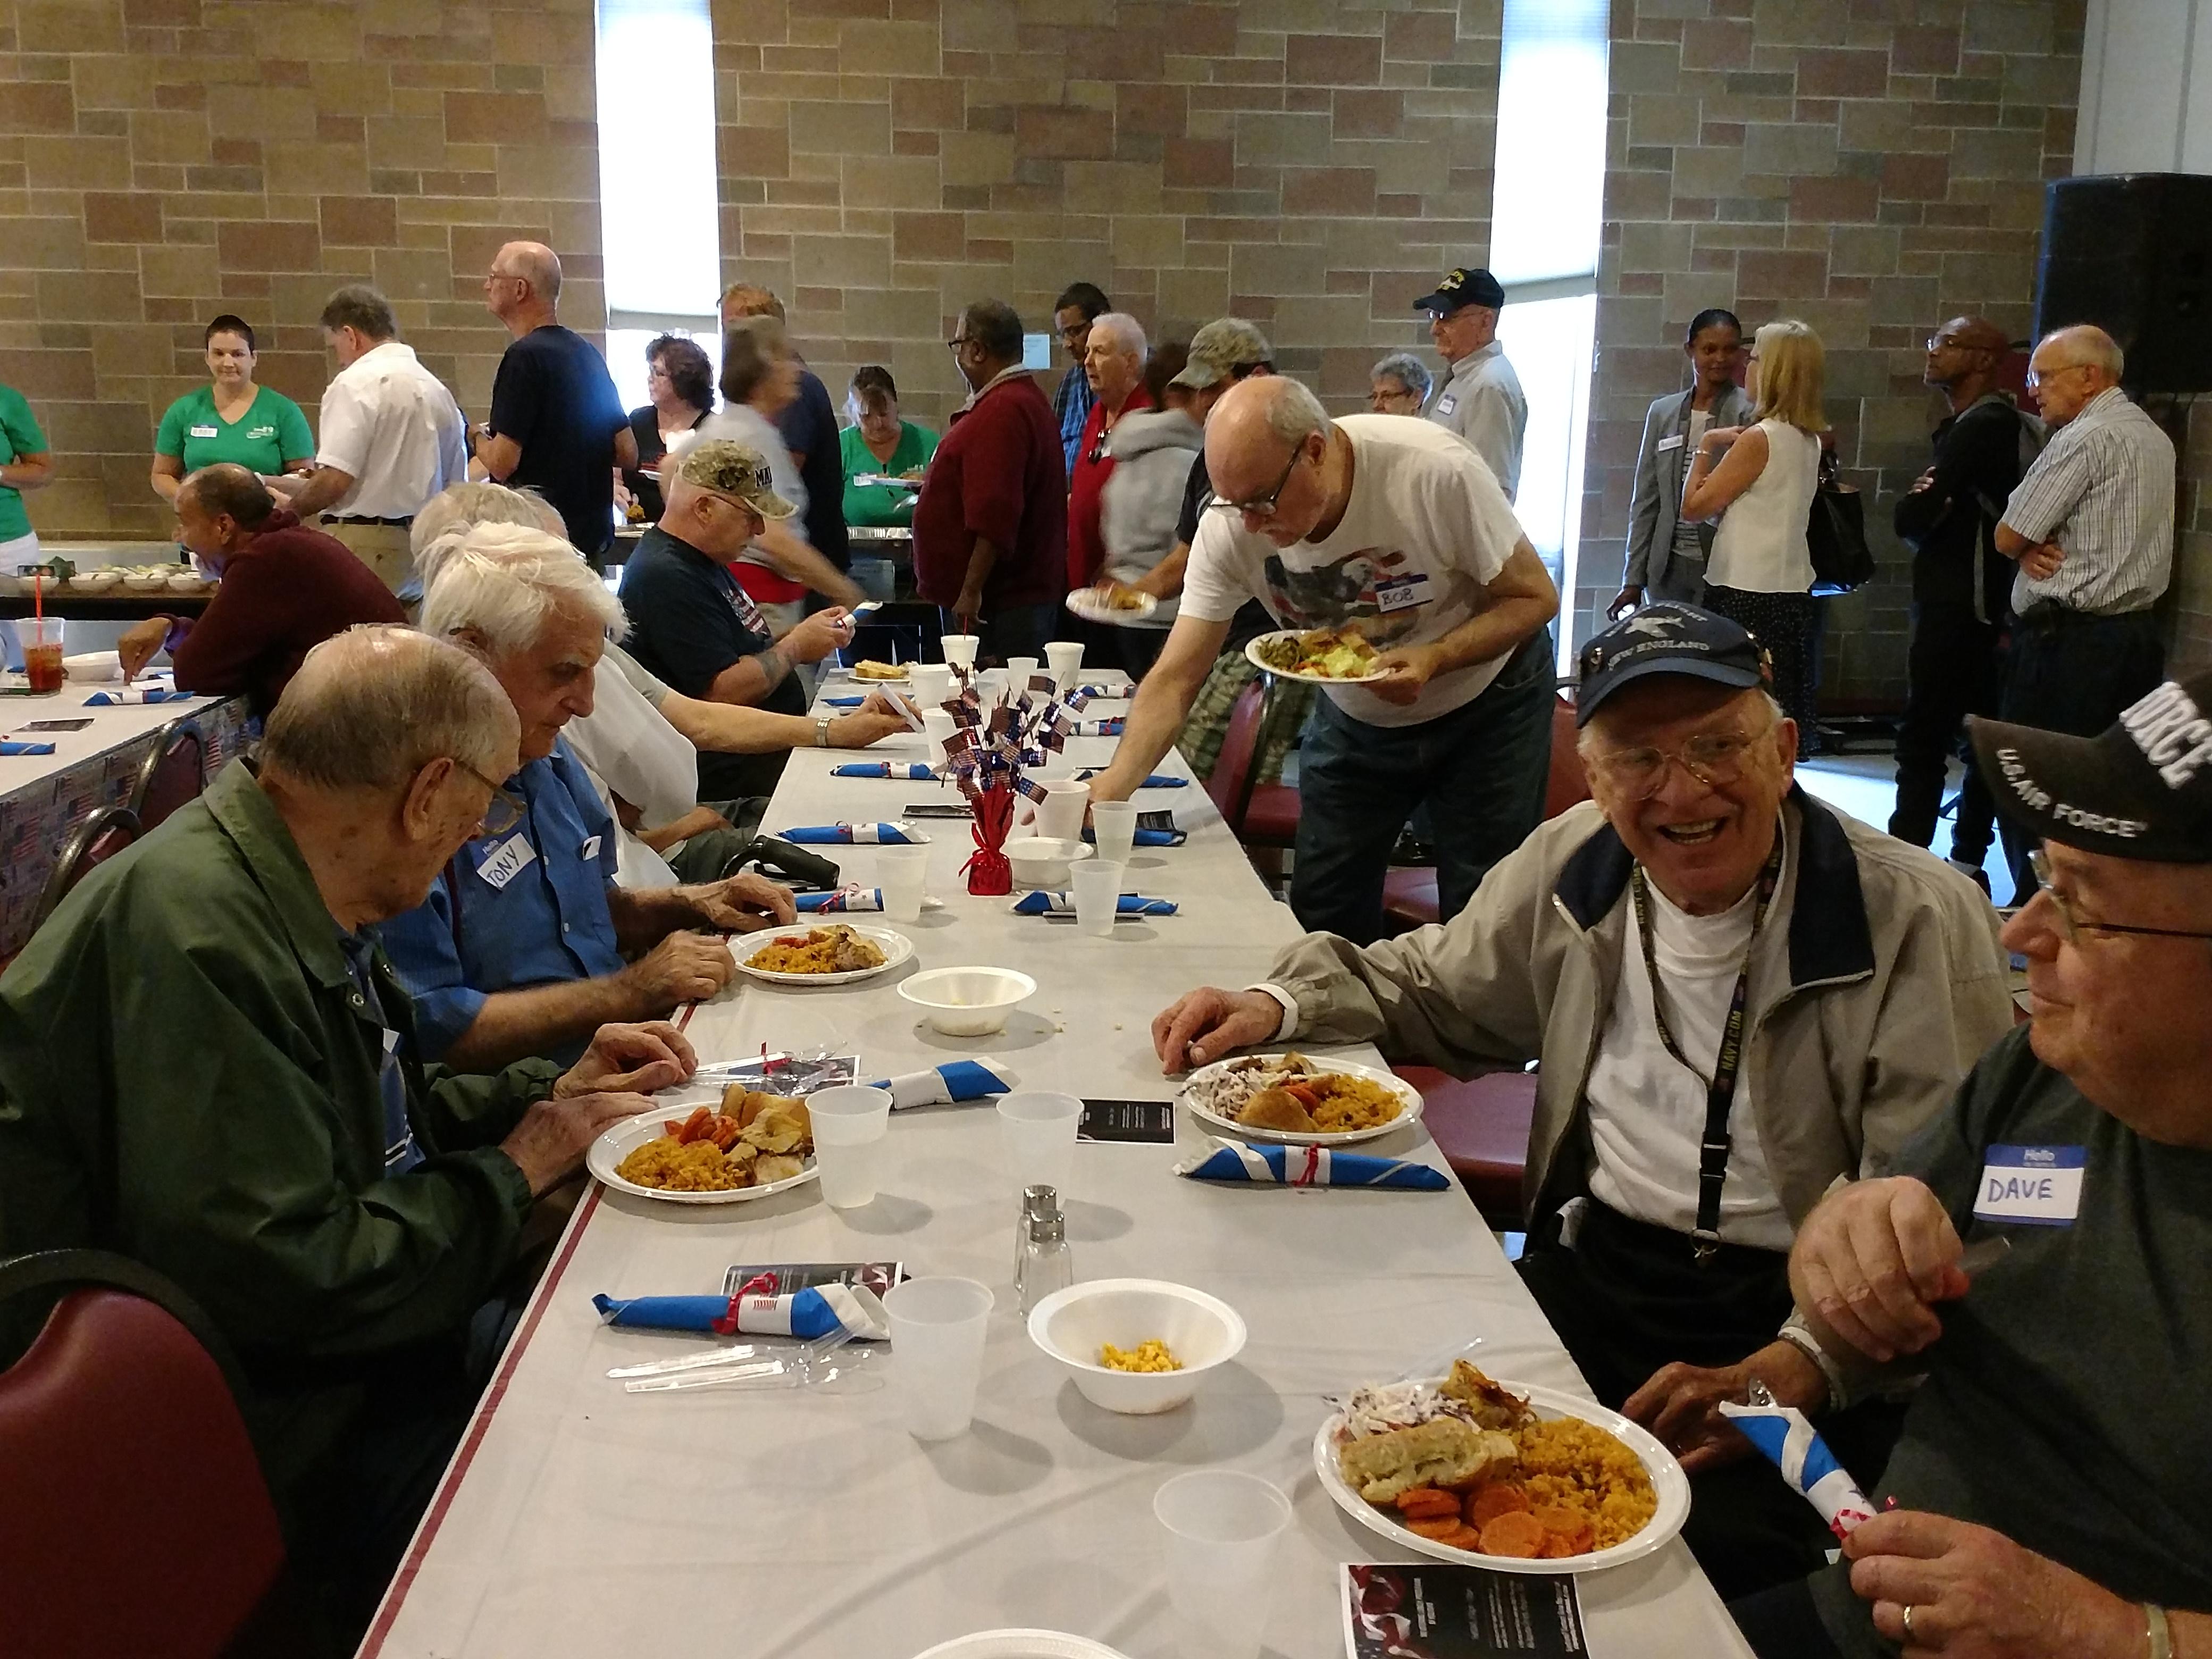 The Veterans Lunch Program of Greater Holyoke